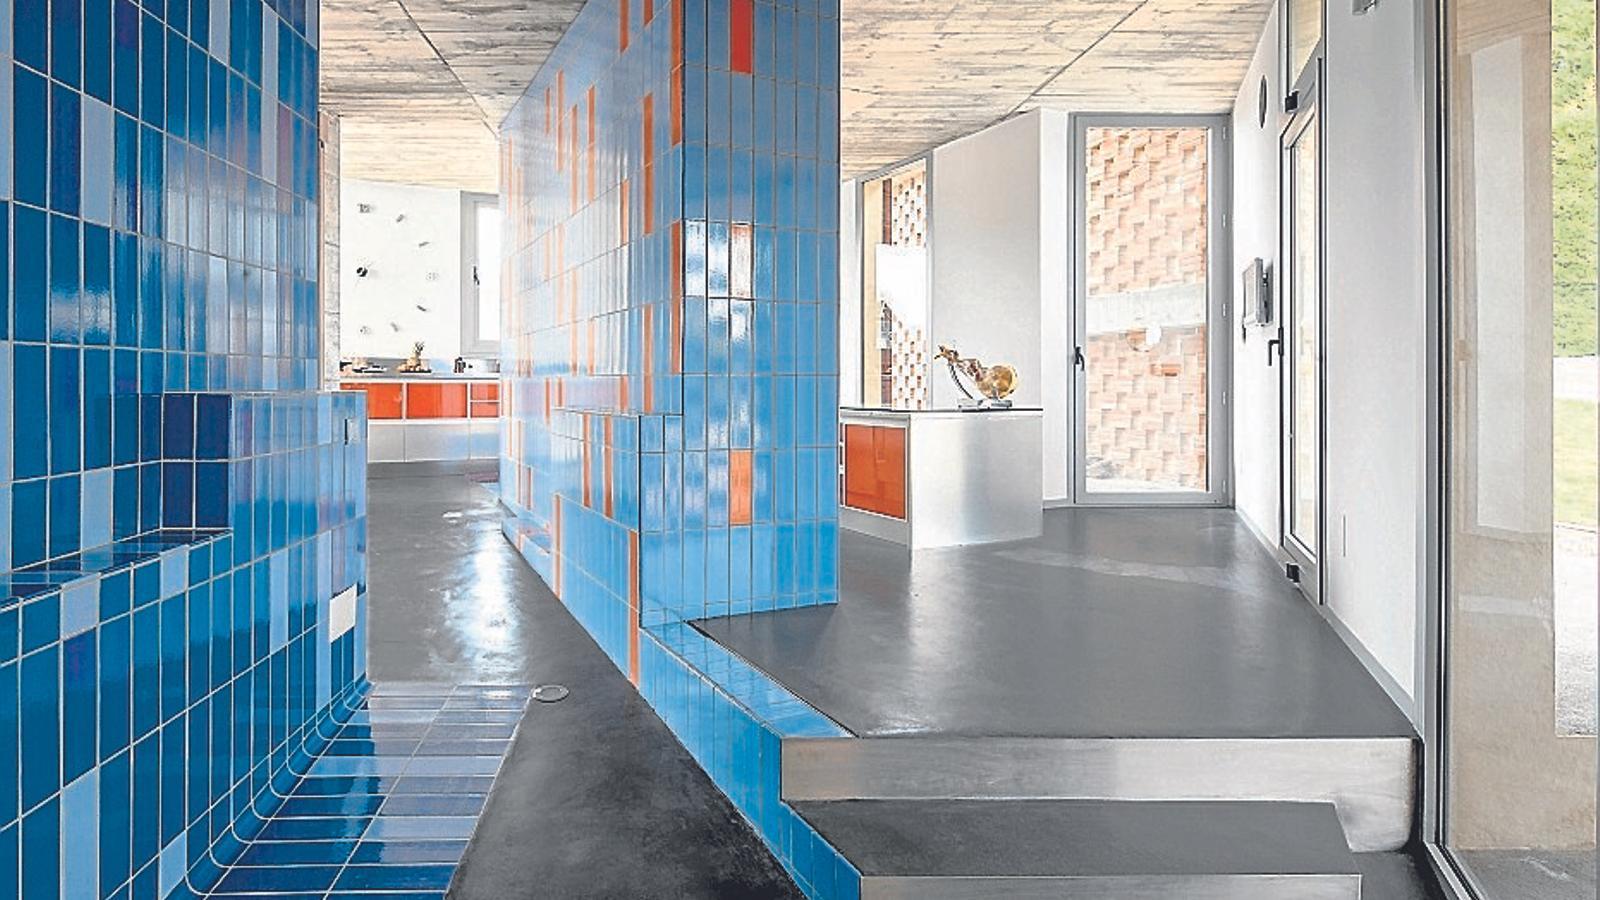 La Casa Bitxo va ser el primer projecte de Lagula Arquitectes, aquesta és la cuina de l'habitatge